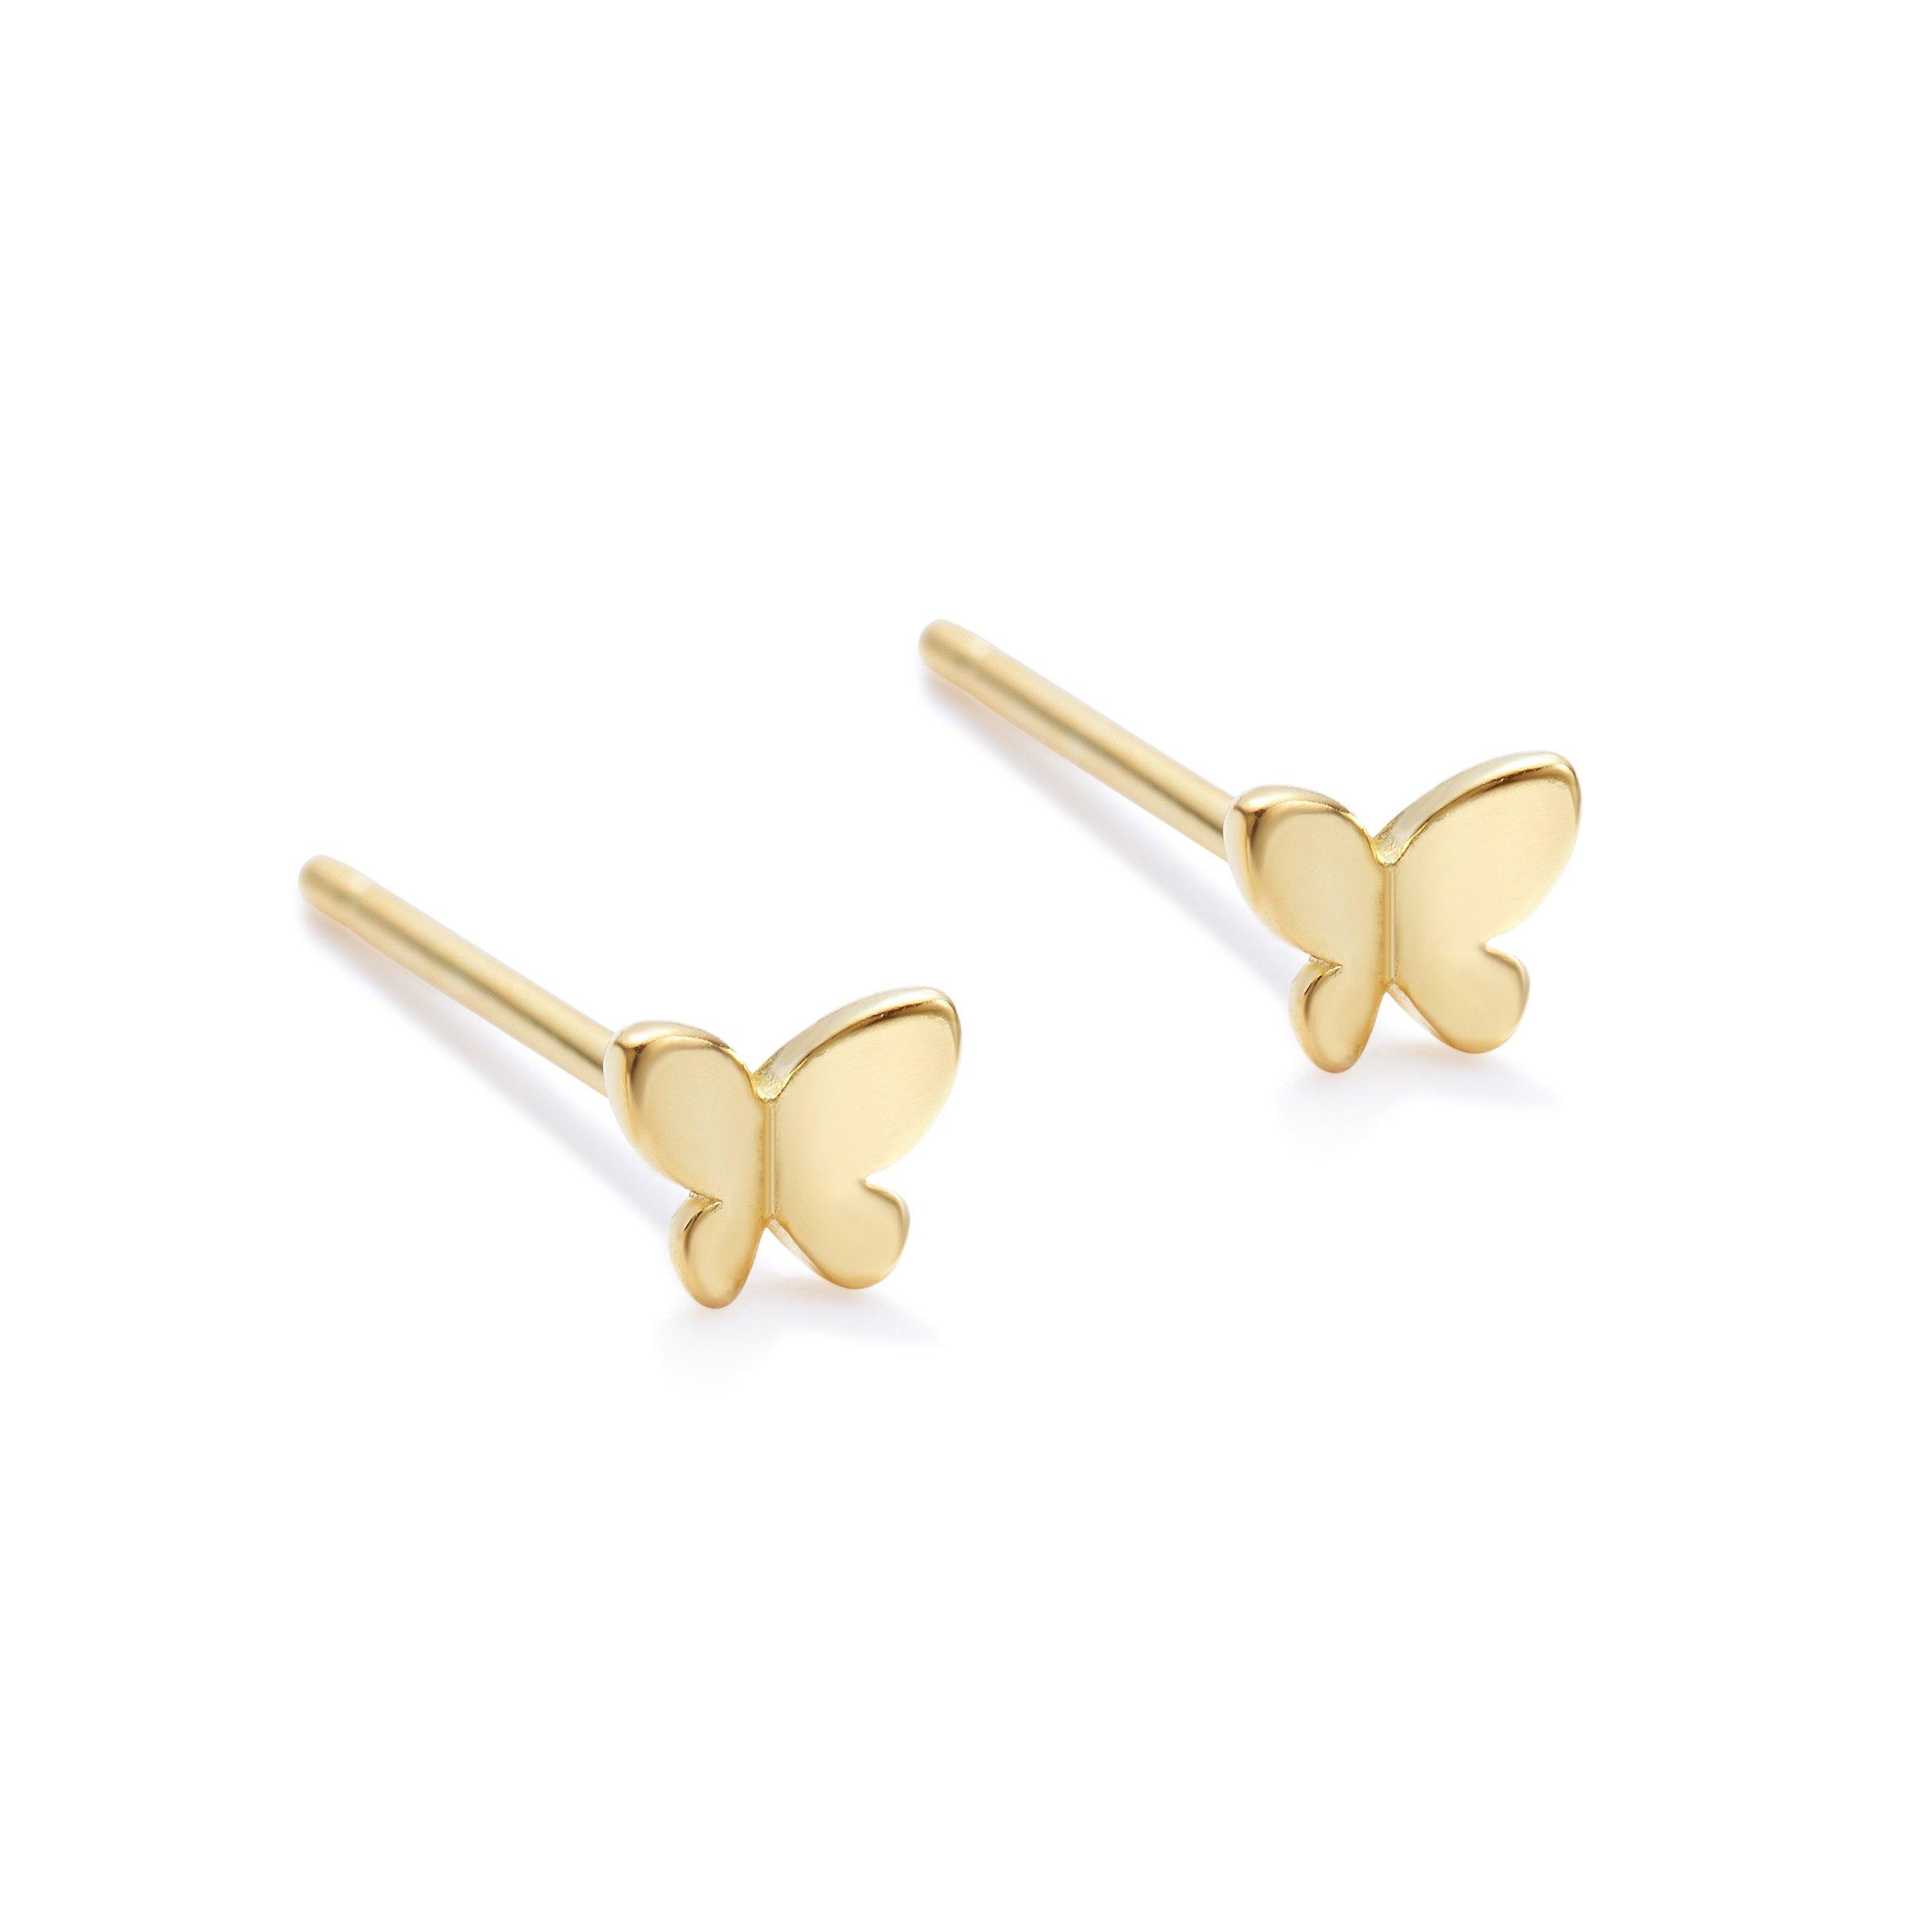 Sterling Silver Tiny Butterfly Stud Earrings Mini Gold Butterfly Hypoallergenic Earrings Girls